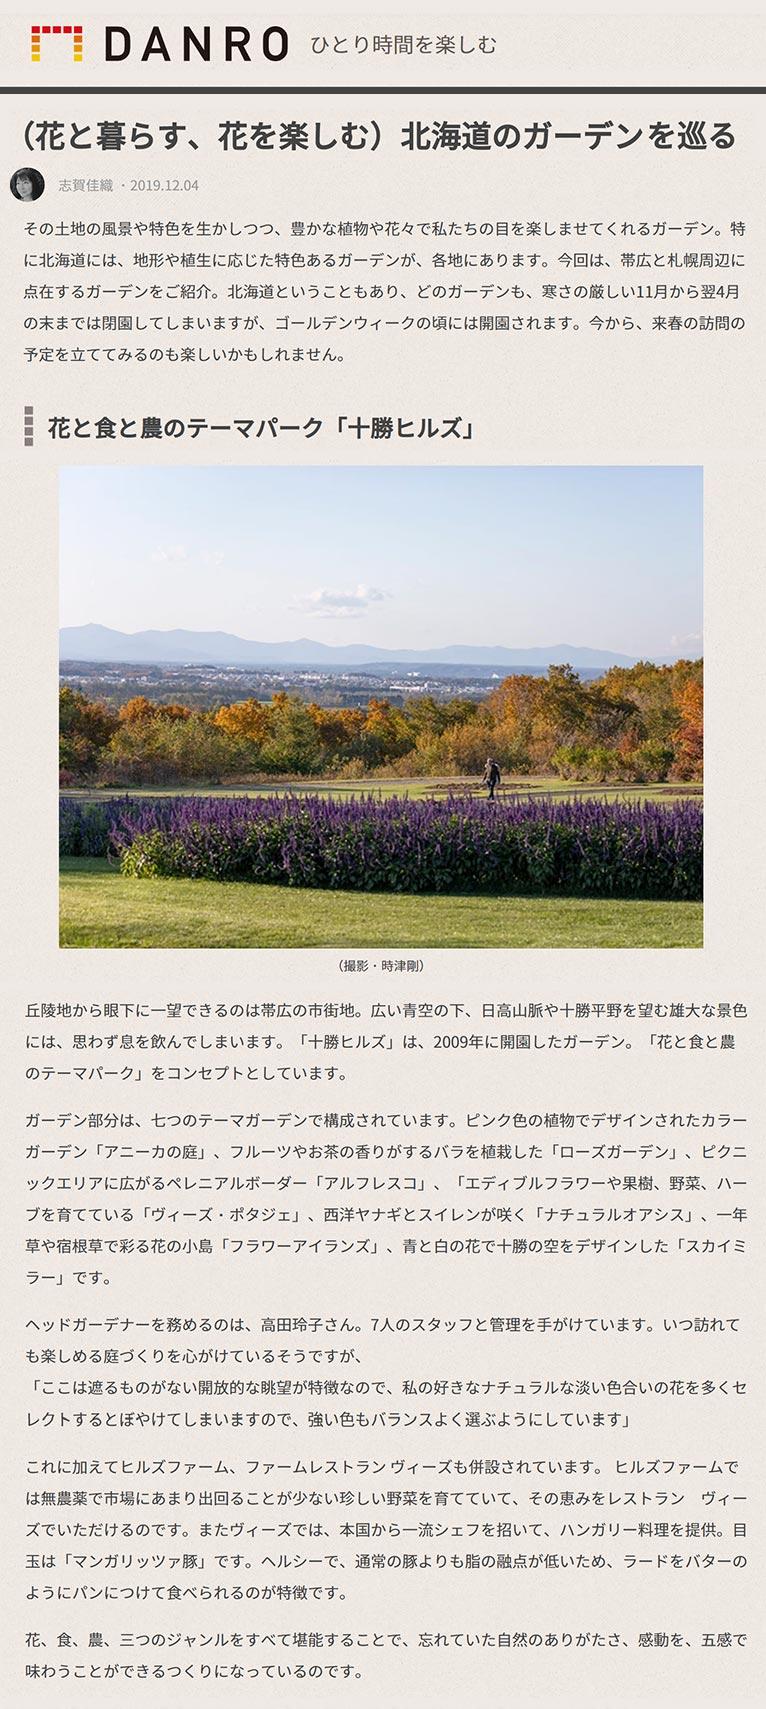 2019年12月4日DANRO『(花と暮らす、花を楽しむ)北海道のガーデンを巡る』で「十勝ヒルズ」「銀河庭園」が紹介されました!